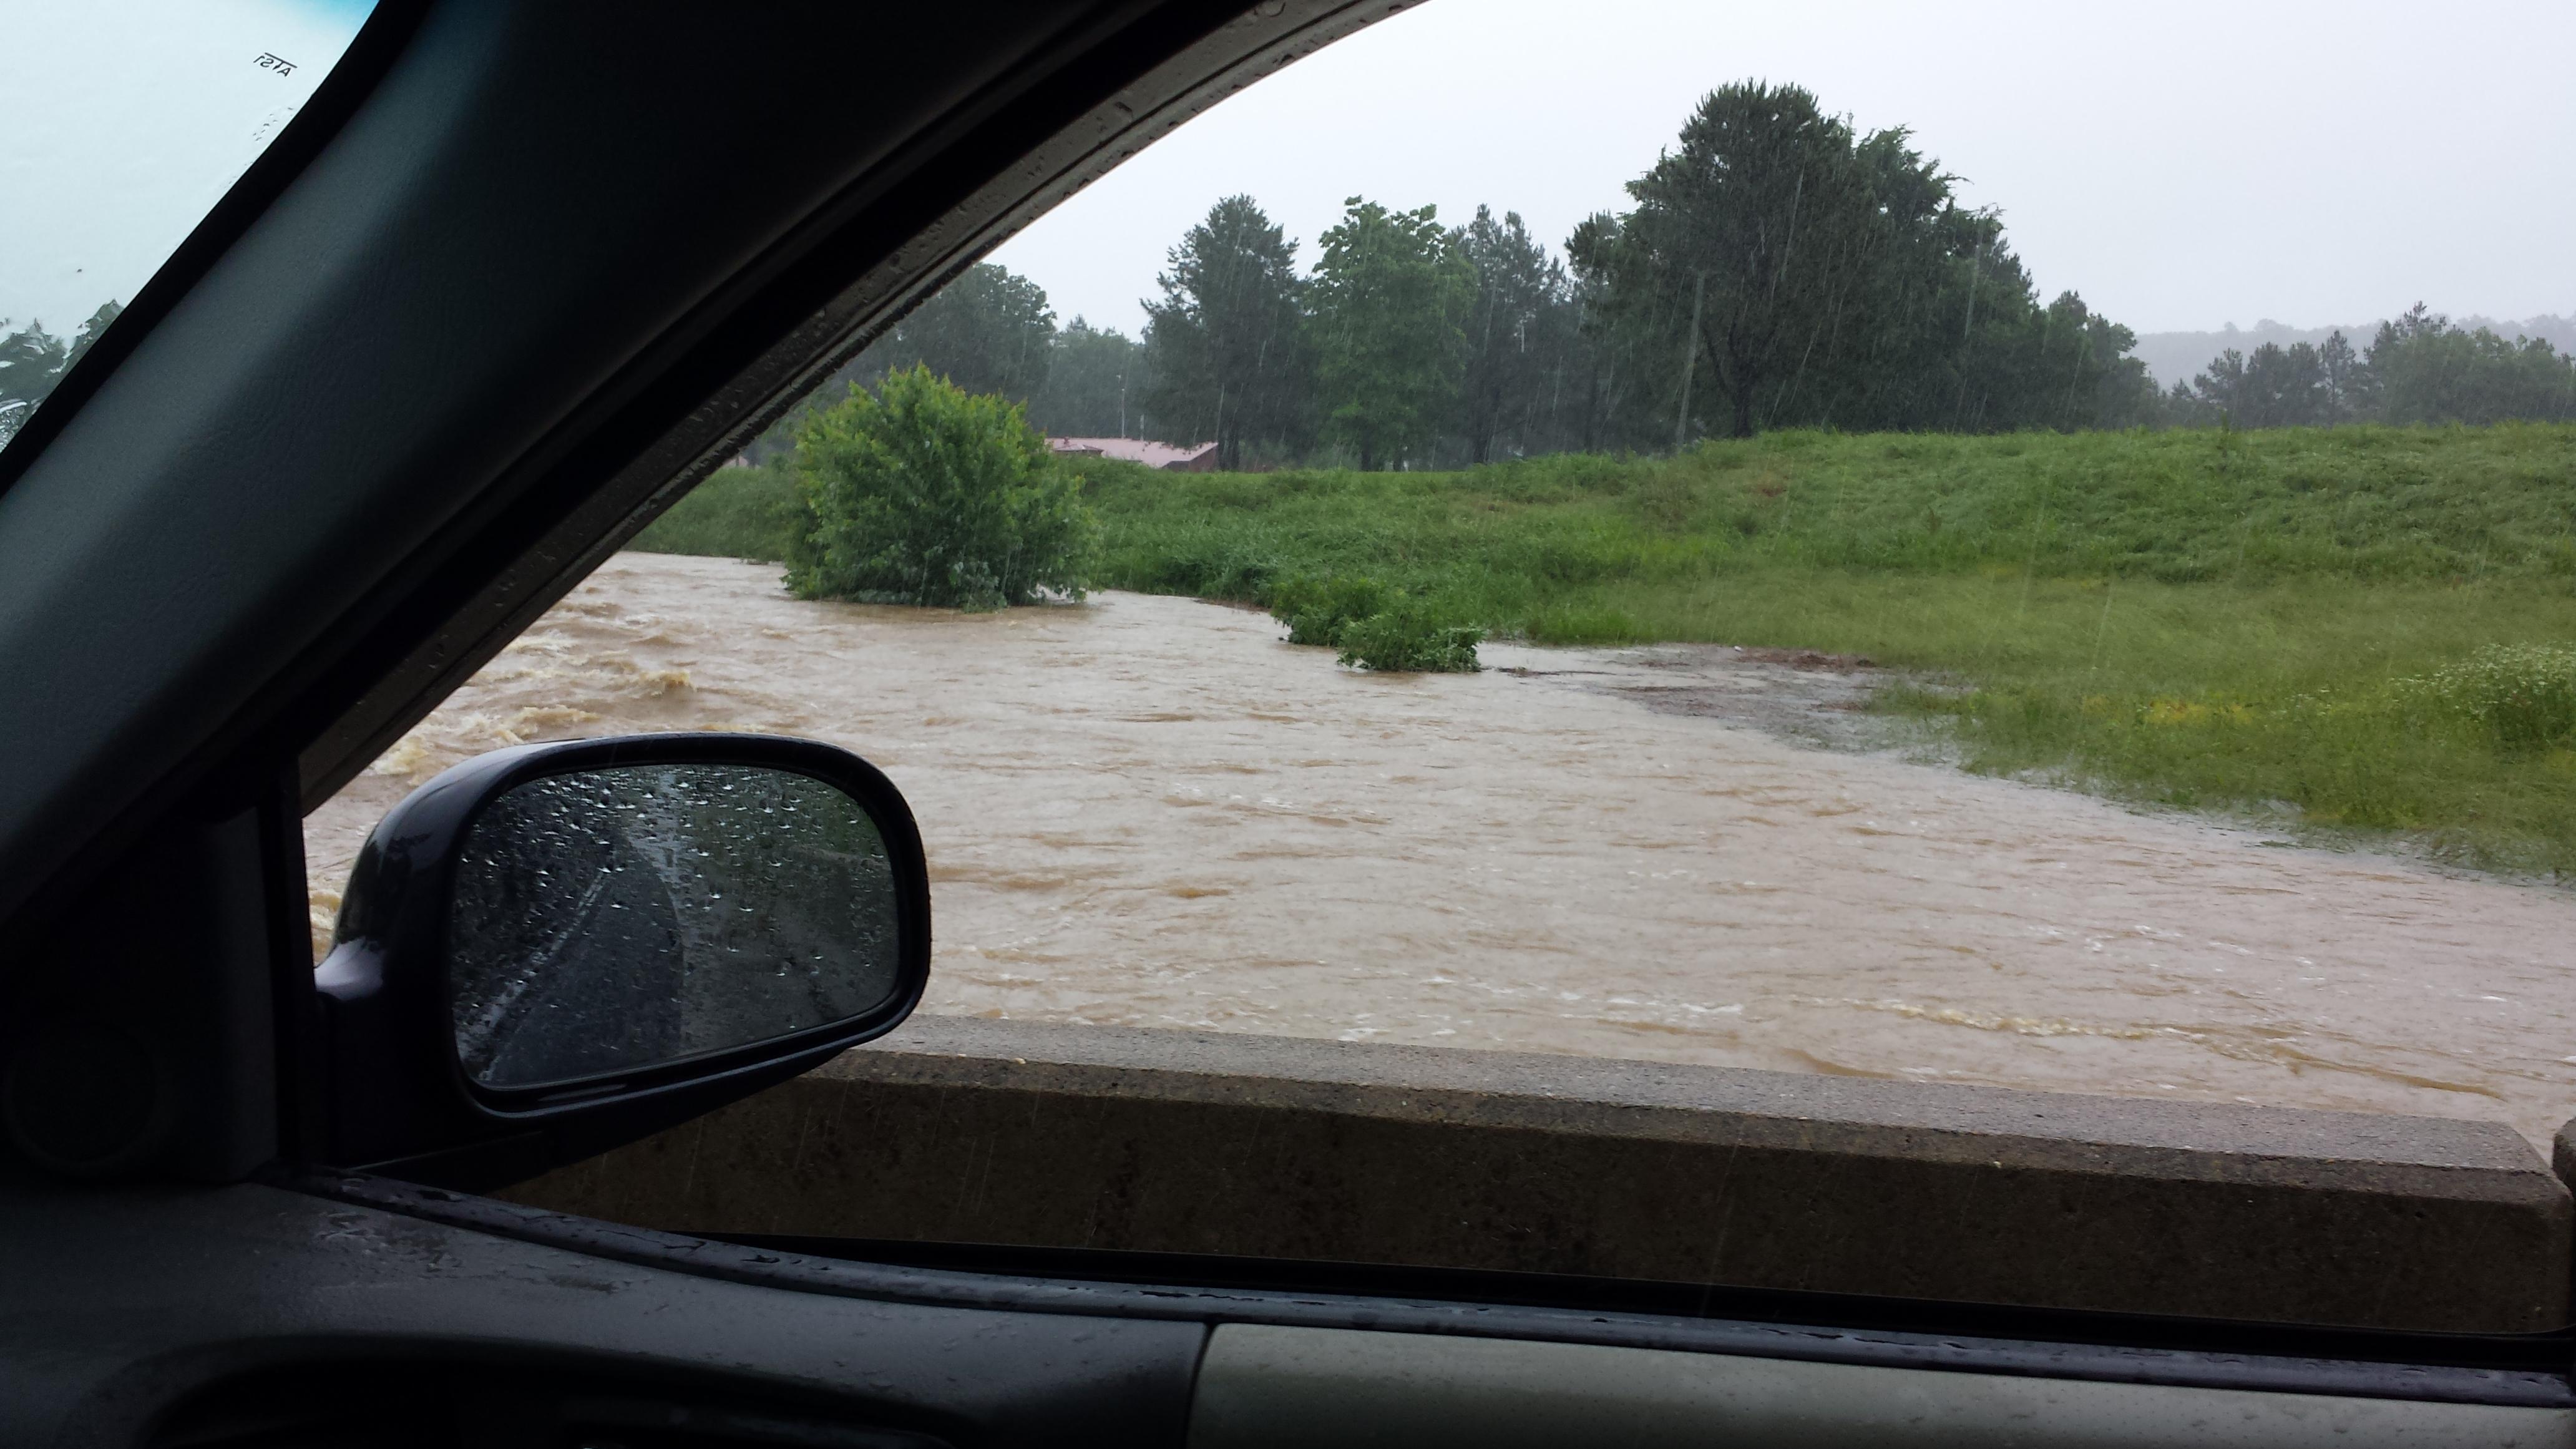 West Creek in Hartford